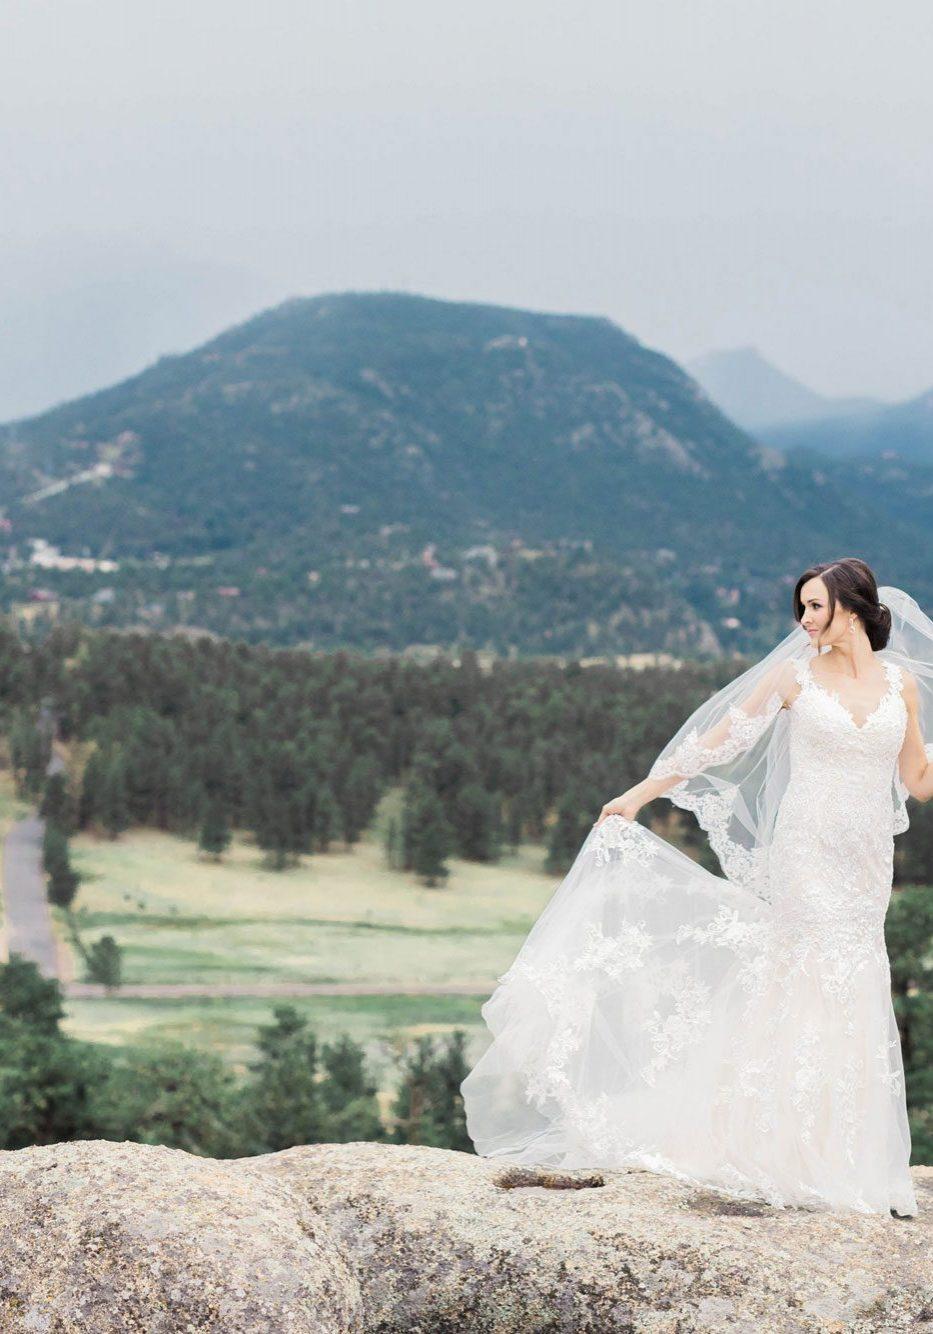 A Romantic Destination Wedding in Estes Park, Colorado